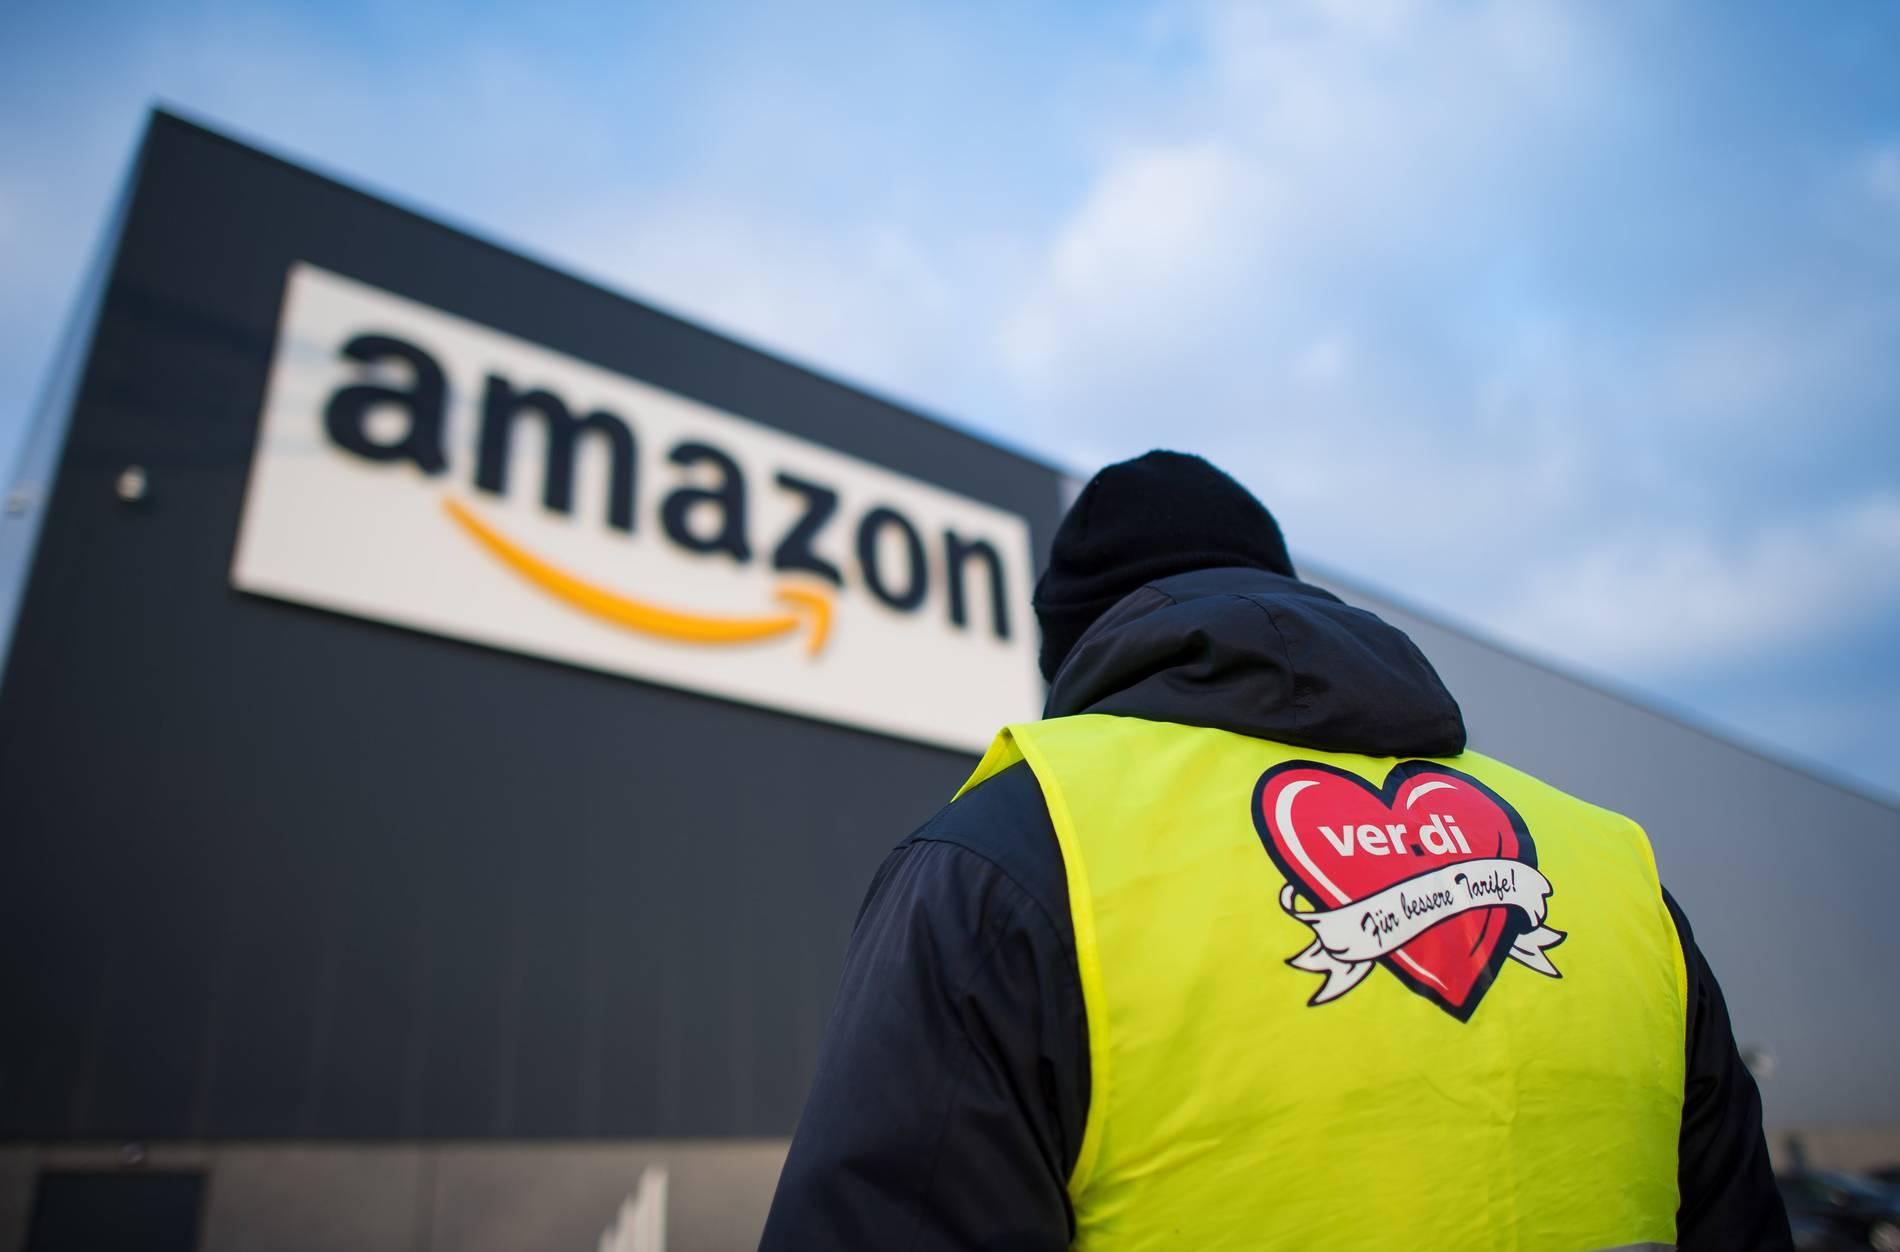 Verdi: Amazon-Beschäftigte in NRW streiken an zwei Standorten